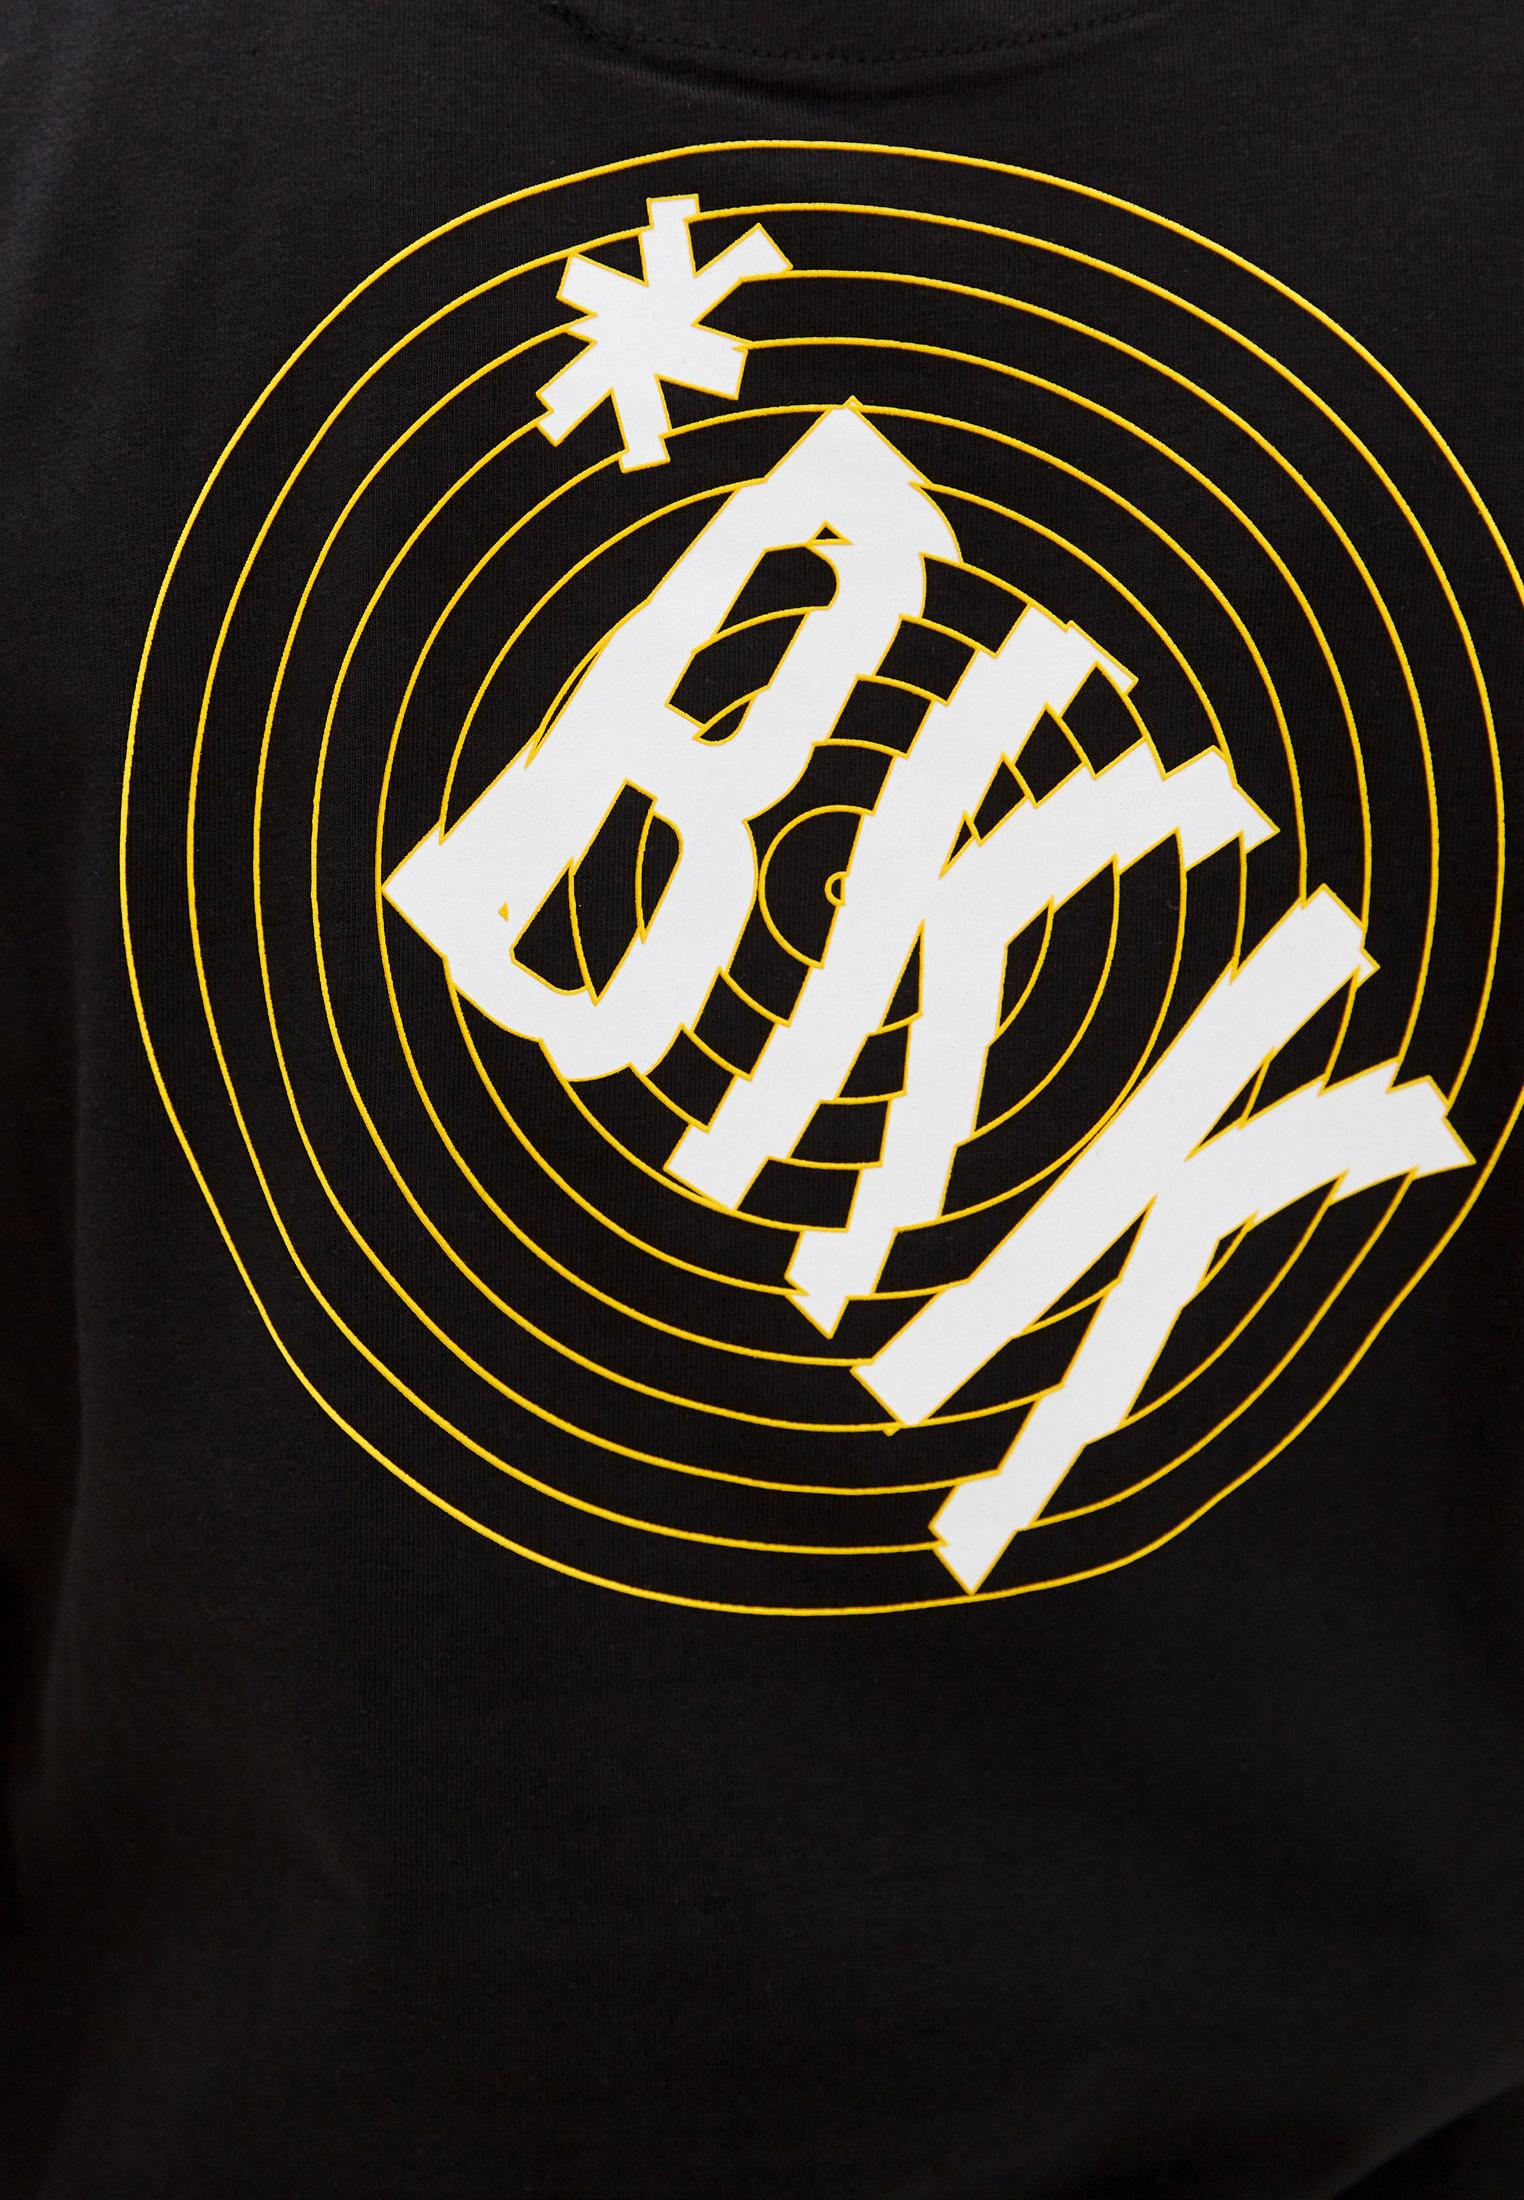 Мужская футболка Bikkembergs (Биккембергс) C 4 101 45 M 4298: изображение 5